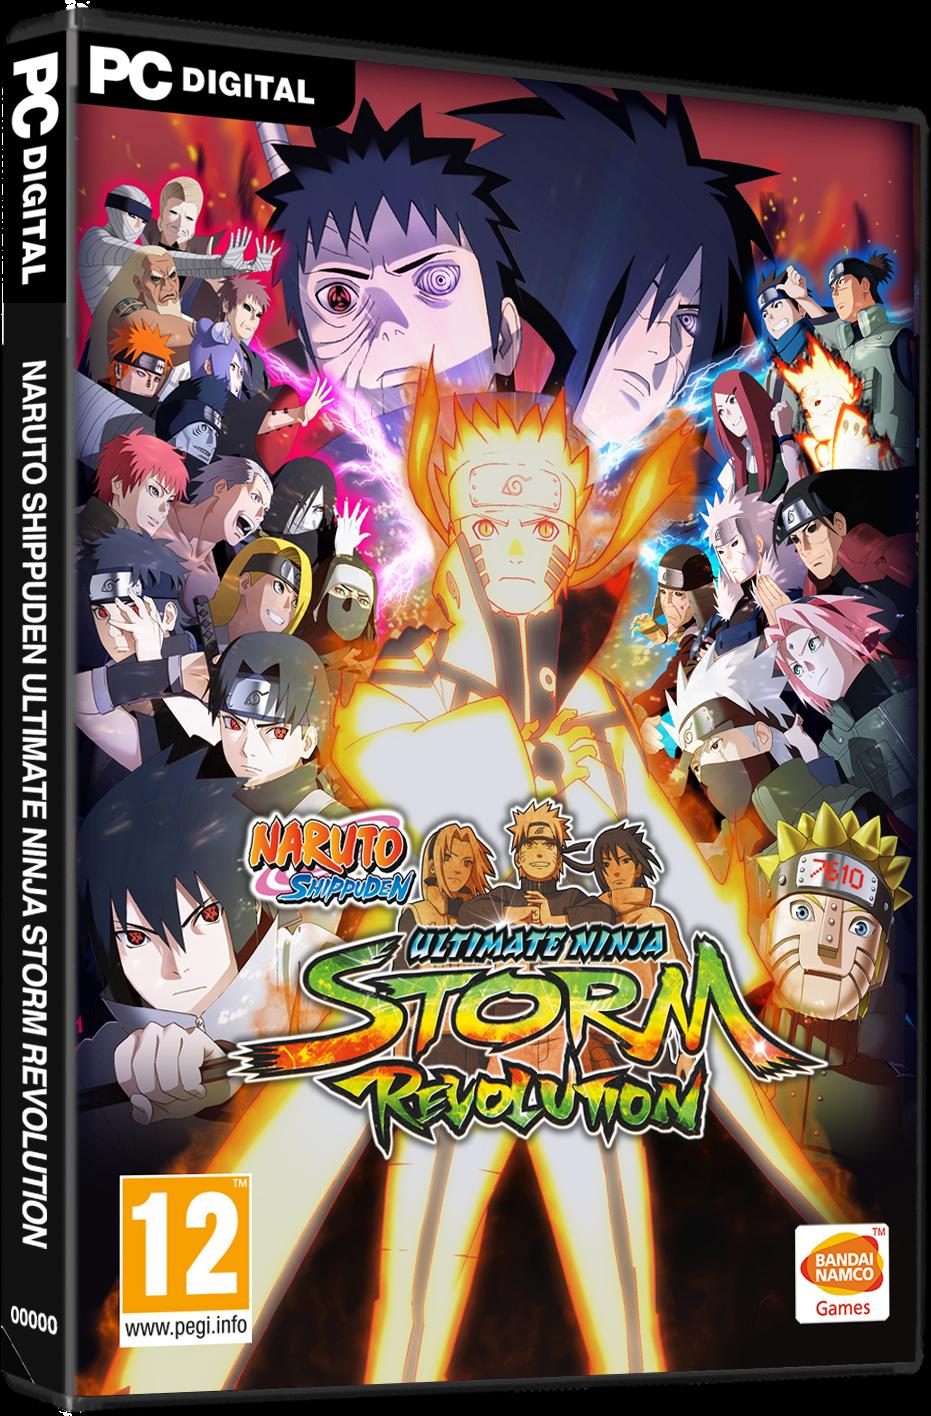 تحميل لعبة Naruto Shippuden Ultimate Ninja Storm Revolution